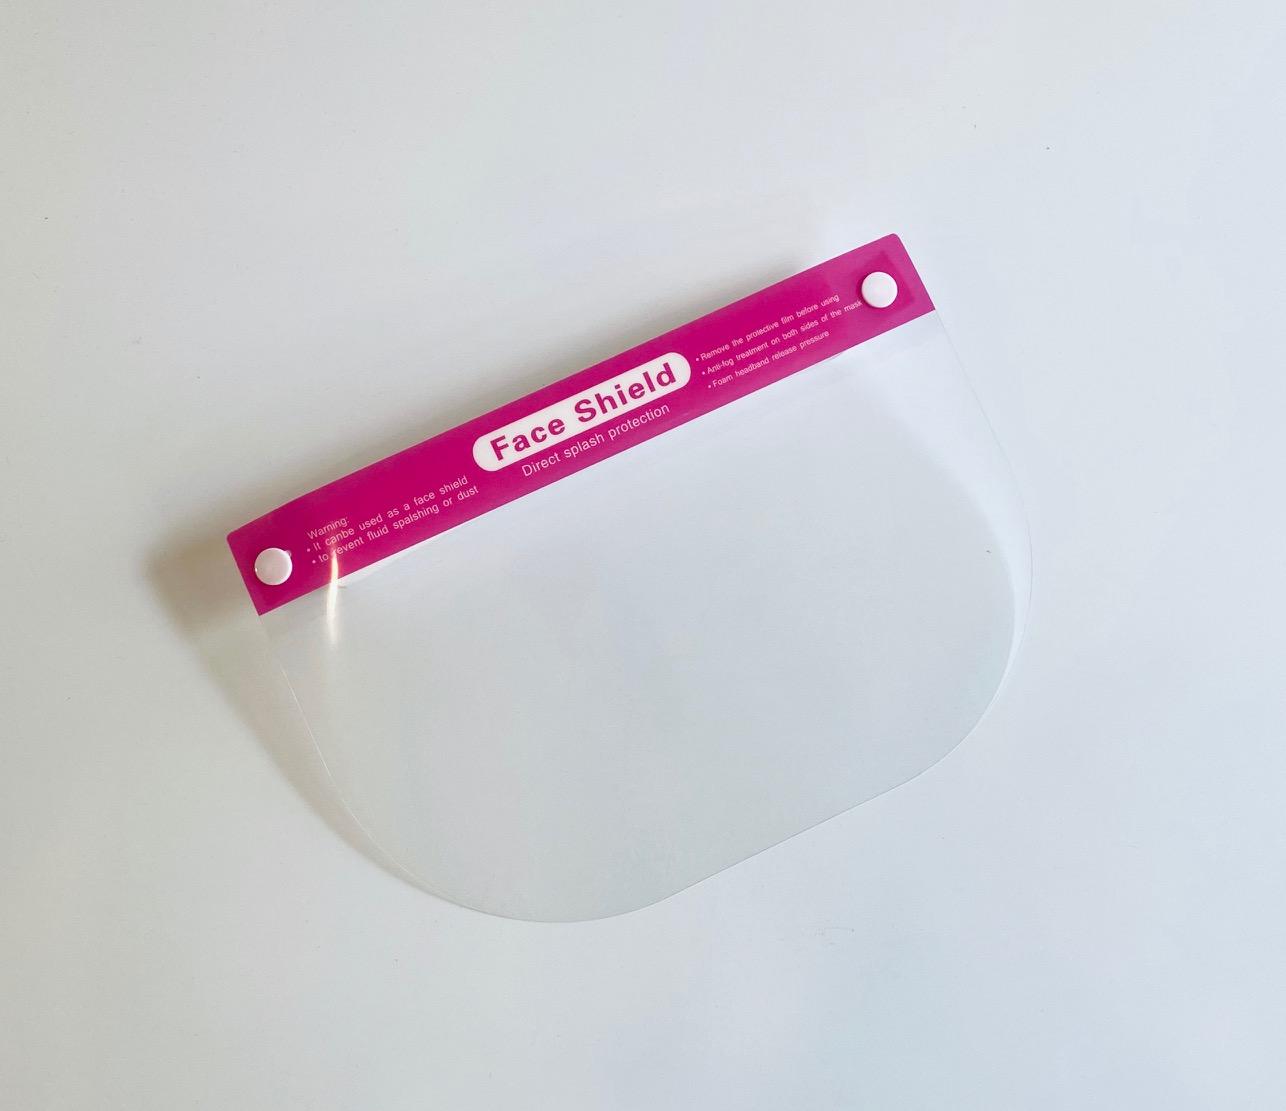 フェイスシールド子供用ピンク